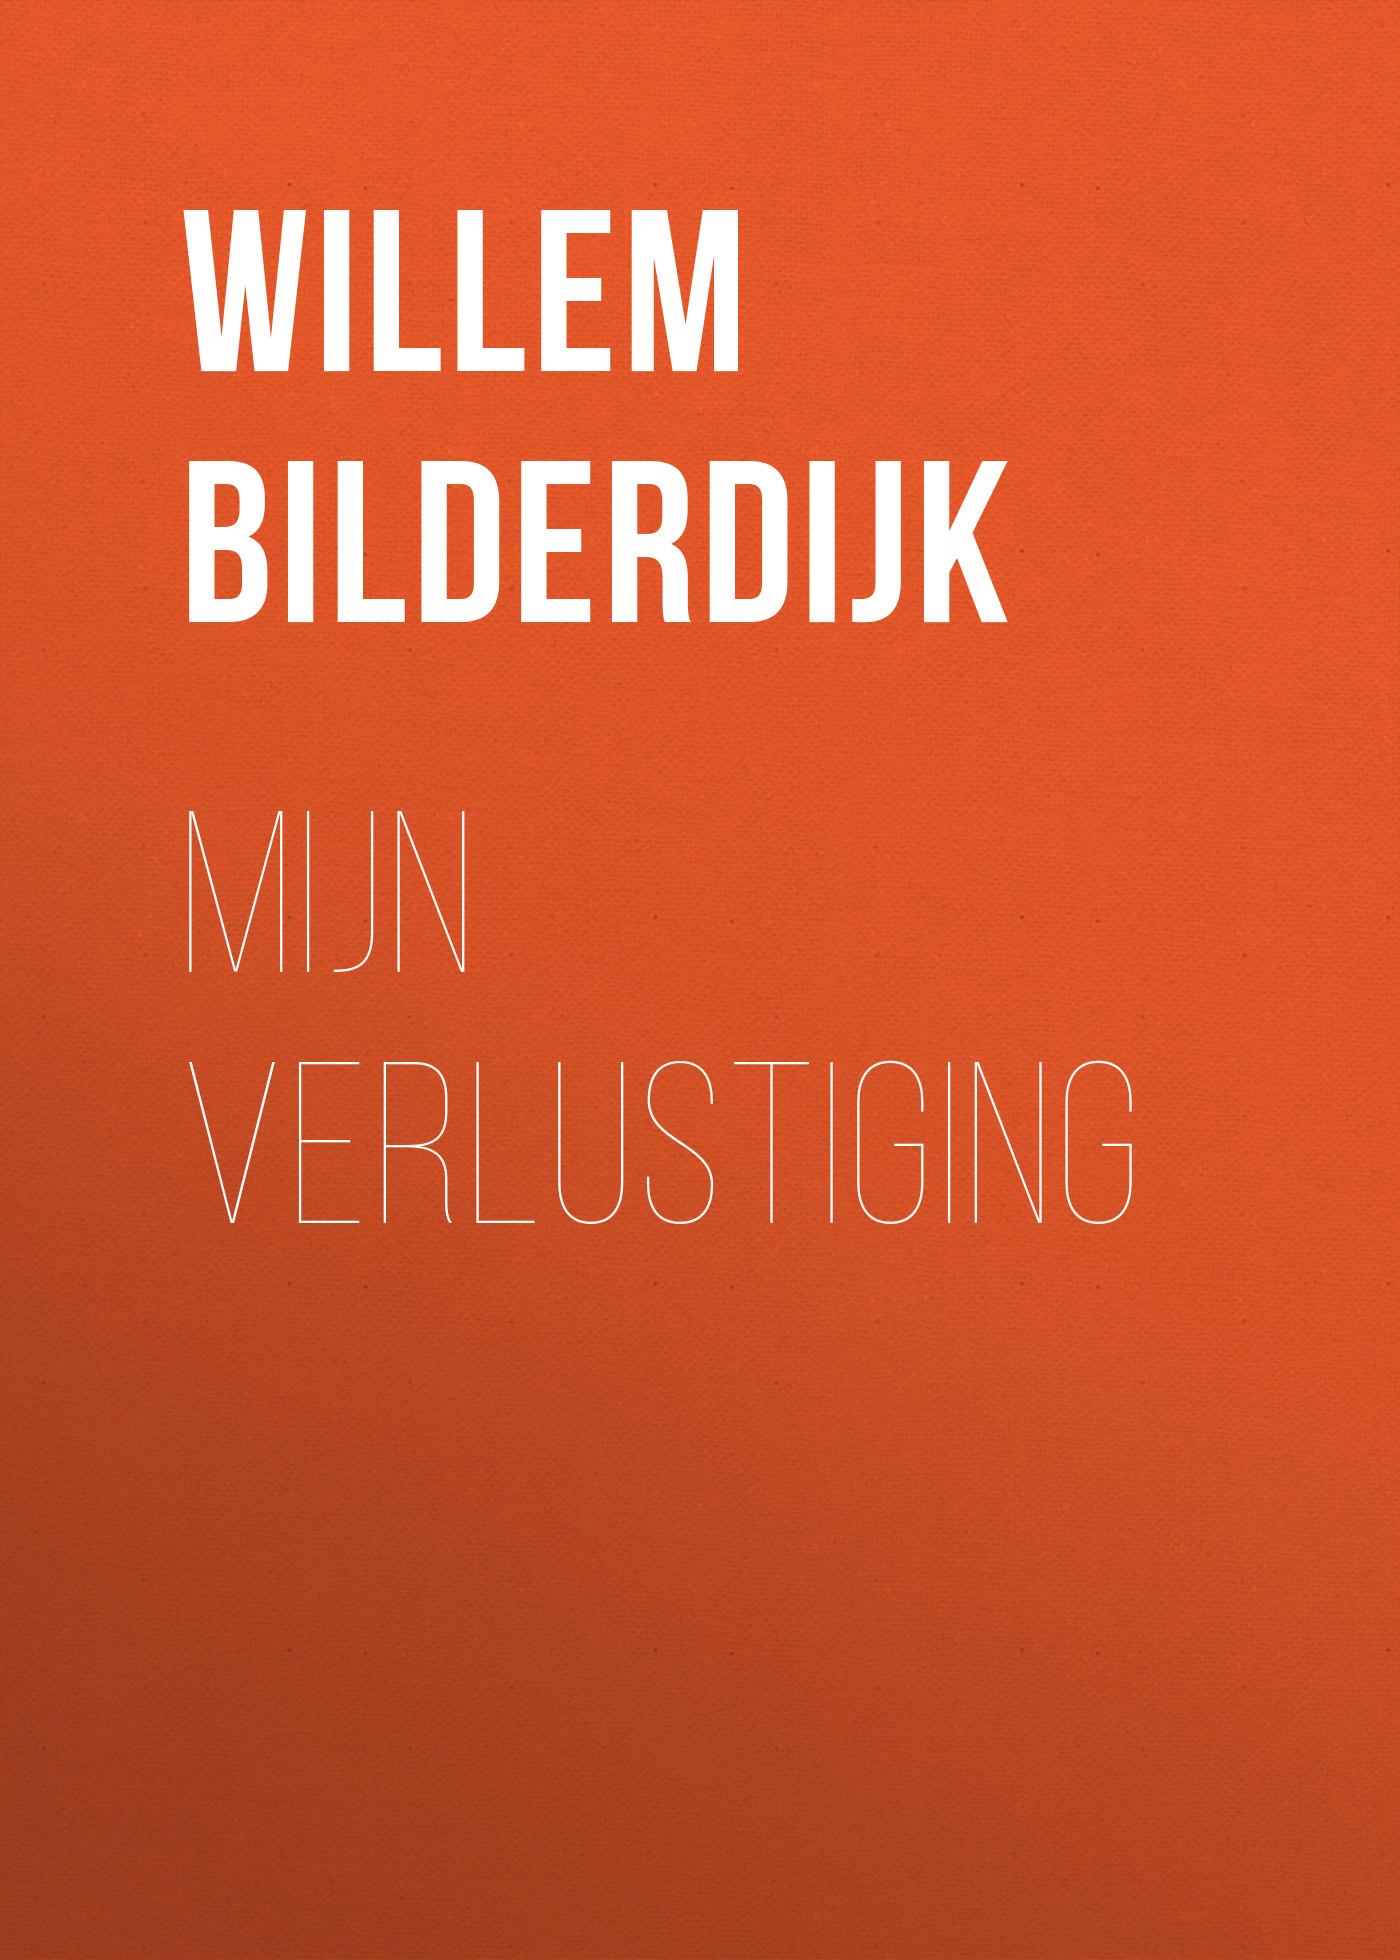 Willem Bilderdijk Mijn verlustiging stephen kolff willem j festschrift